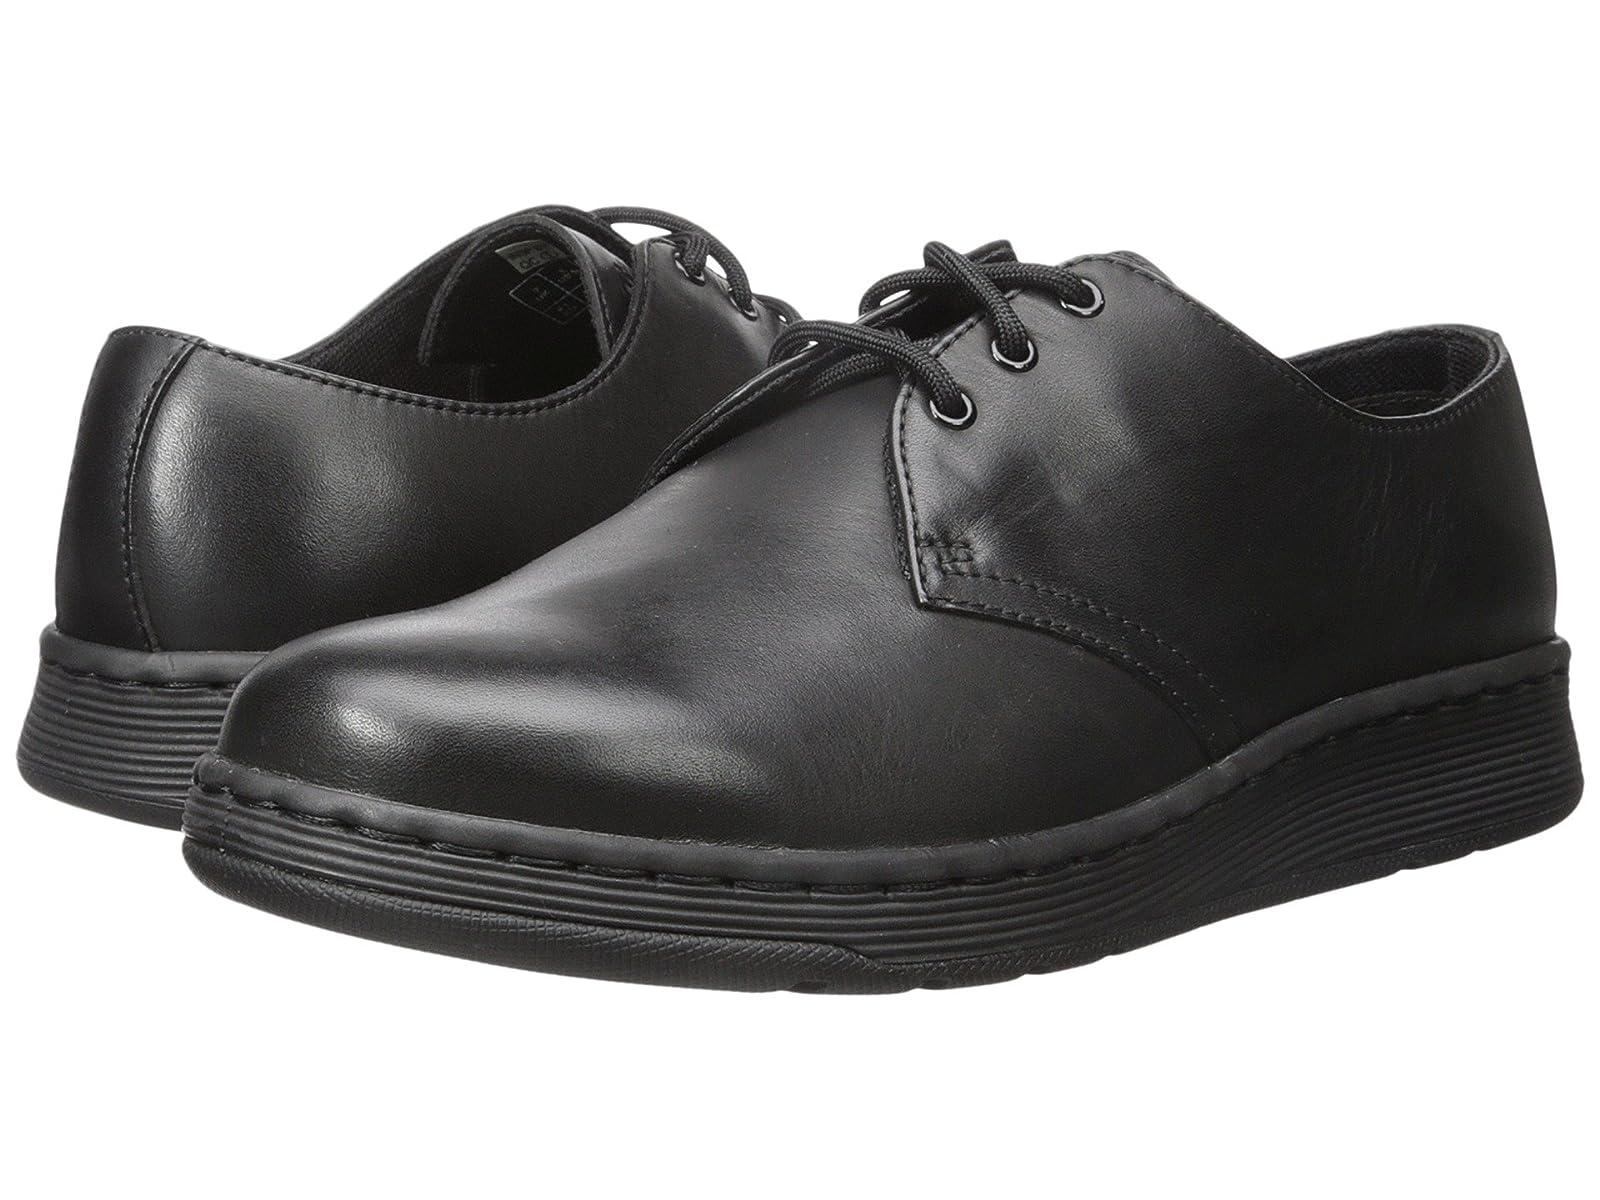 Dr. Martens Cavendish 3-Eye ShoeAtmospheric grades have affordable shoes